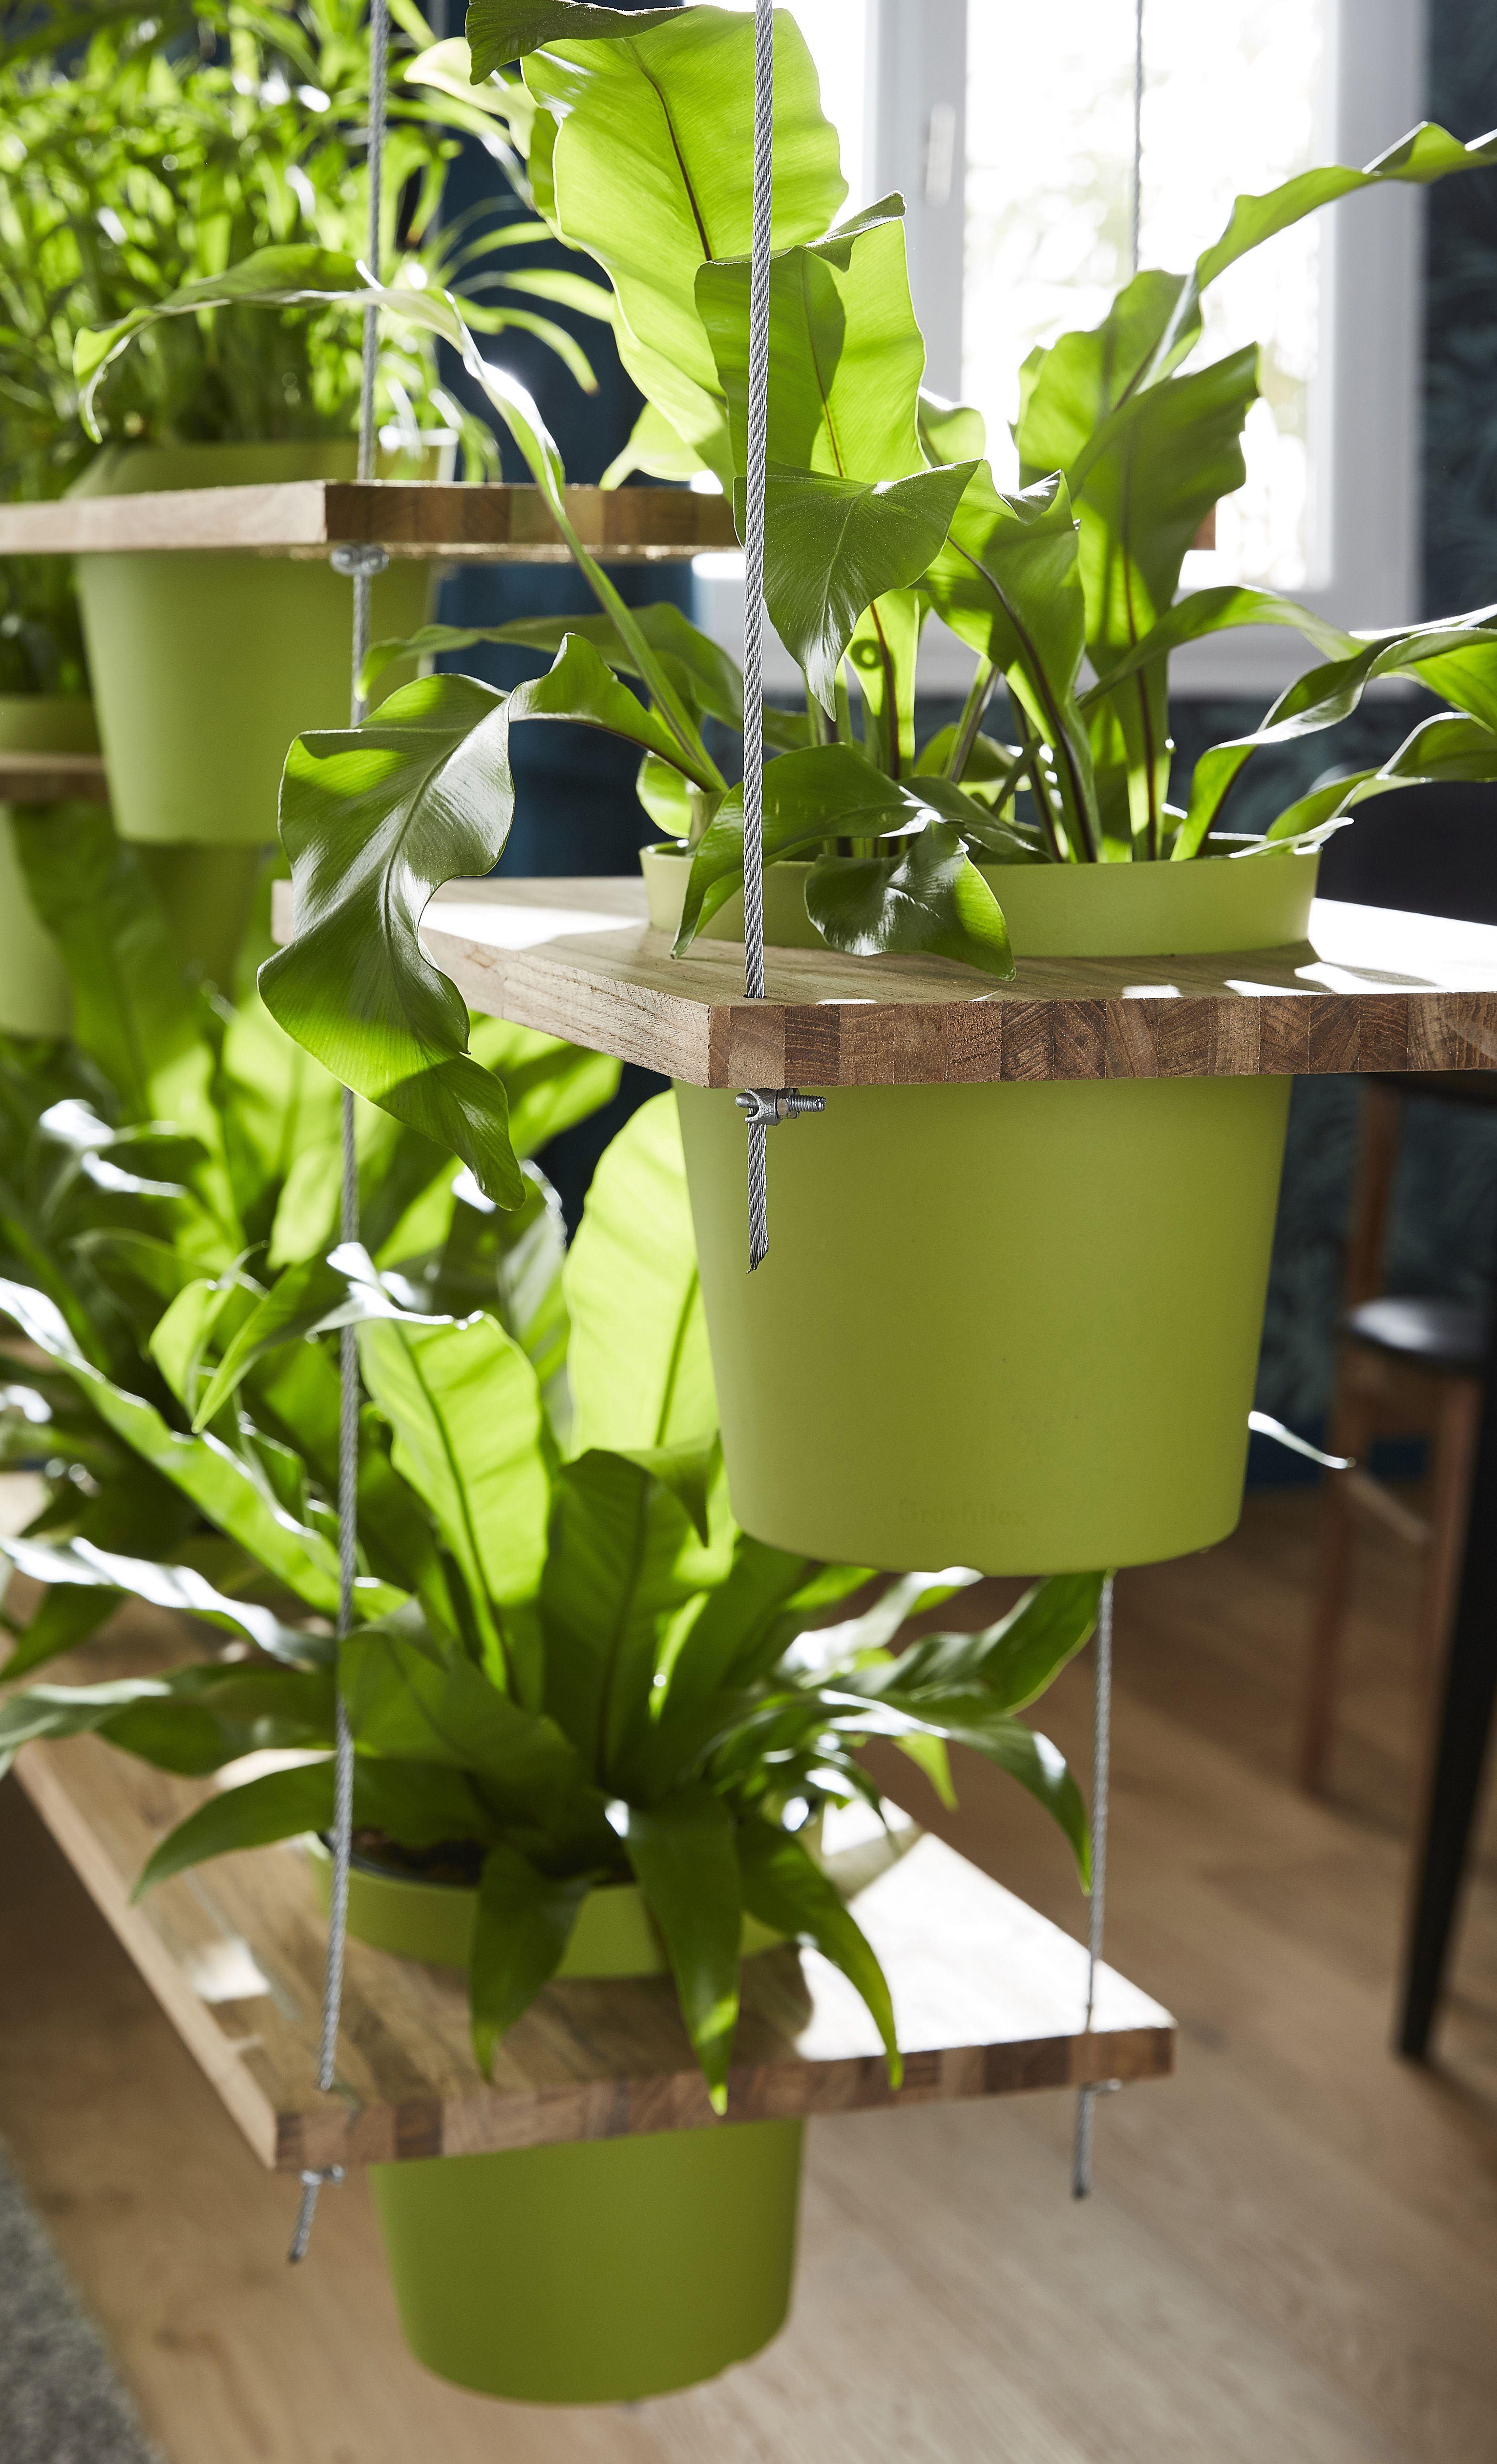 rideau vgtal entre le salon et la salle manger convier la nature chez soi peut